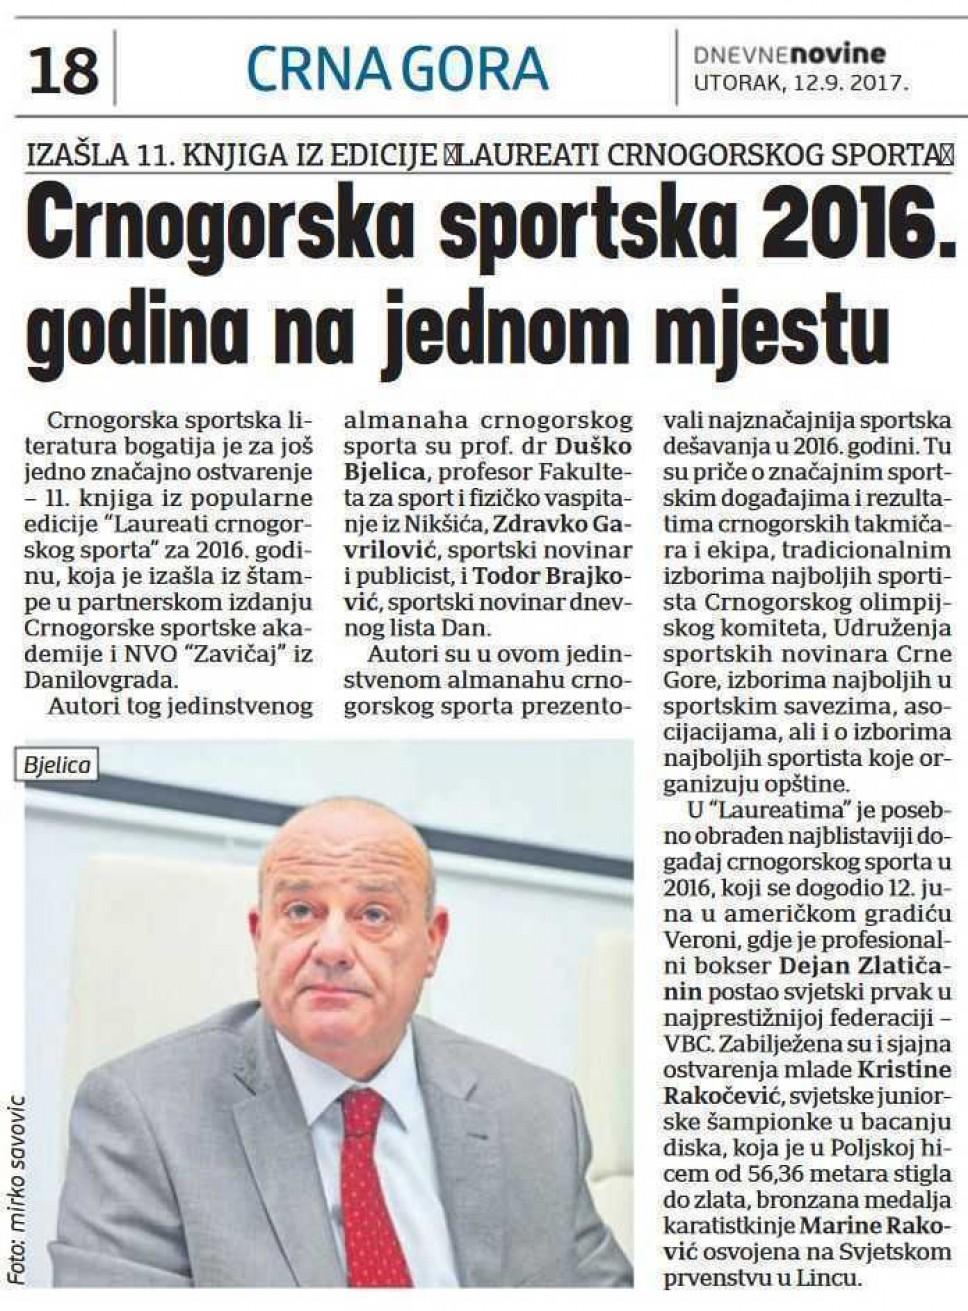 Dnevne novine, 12.09.2017.